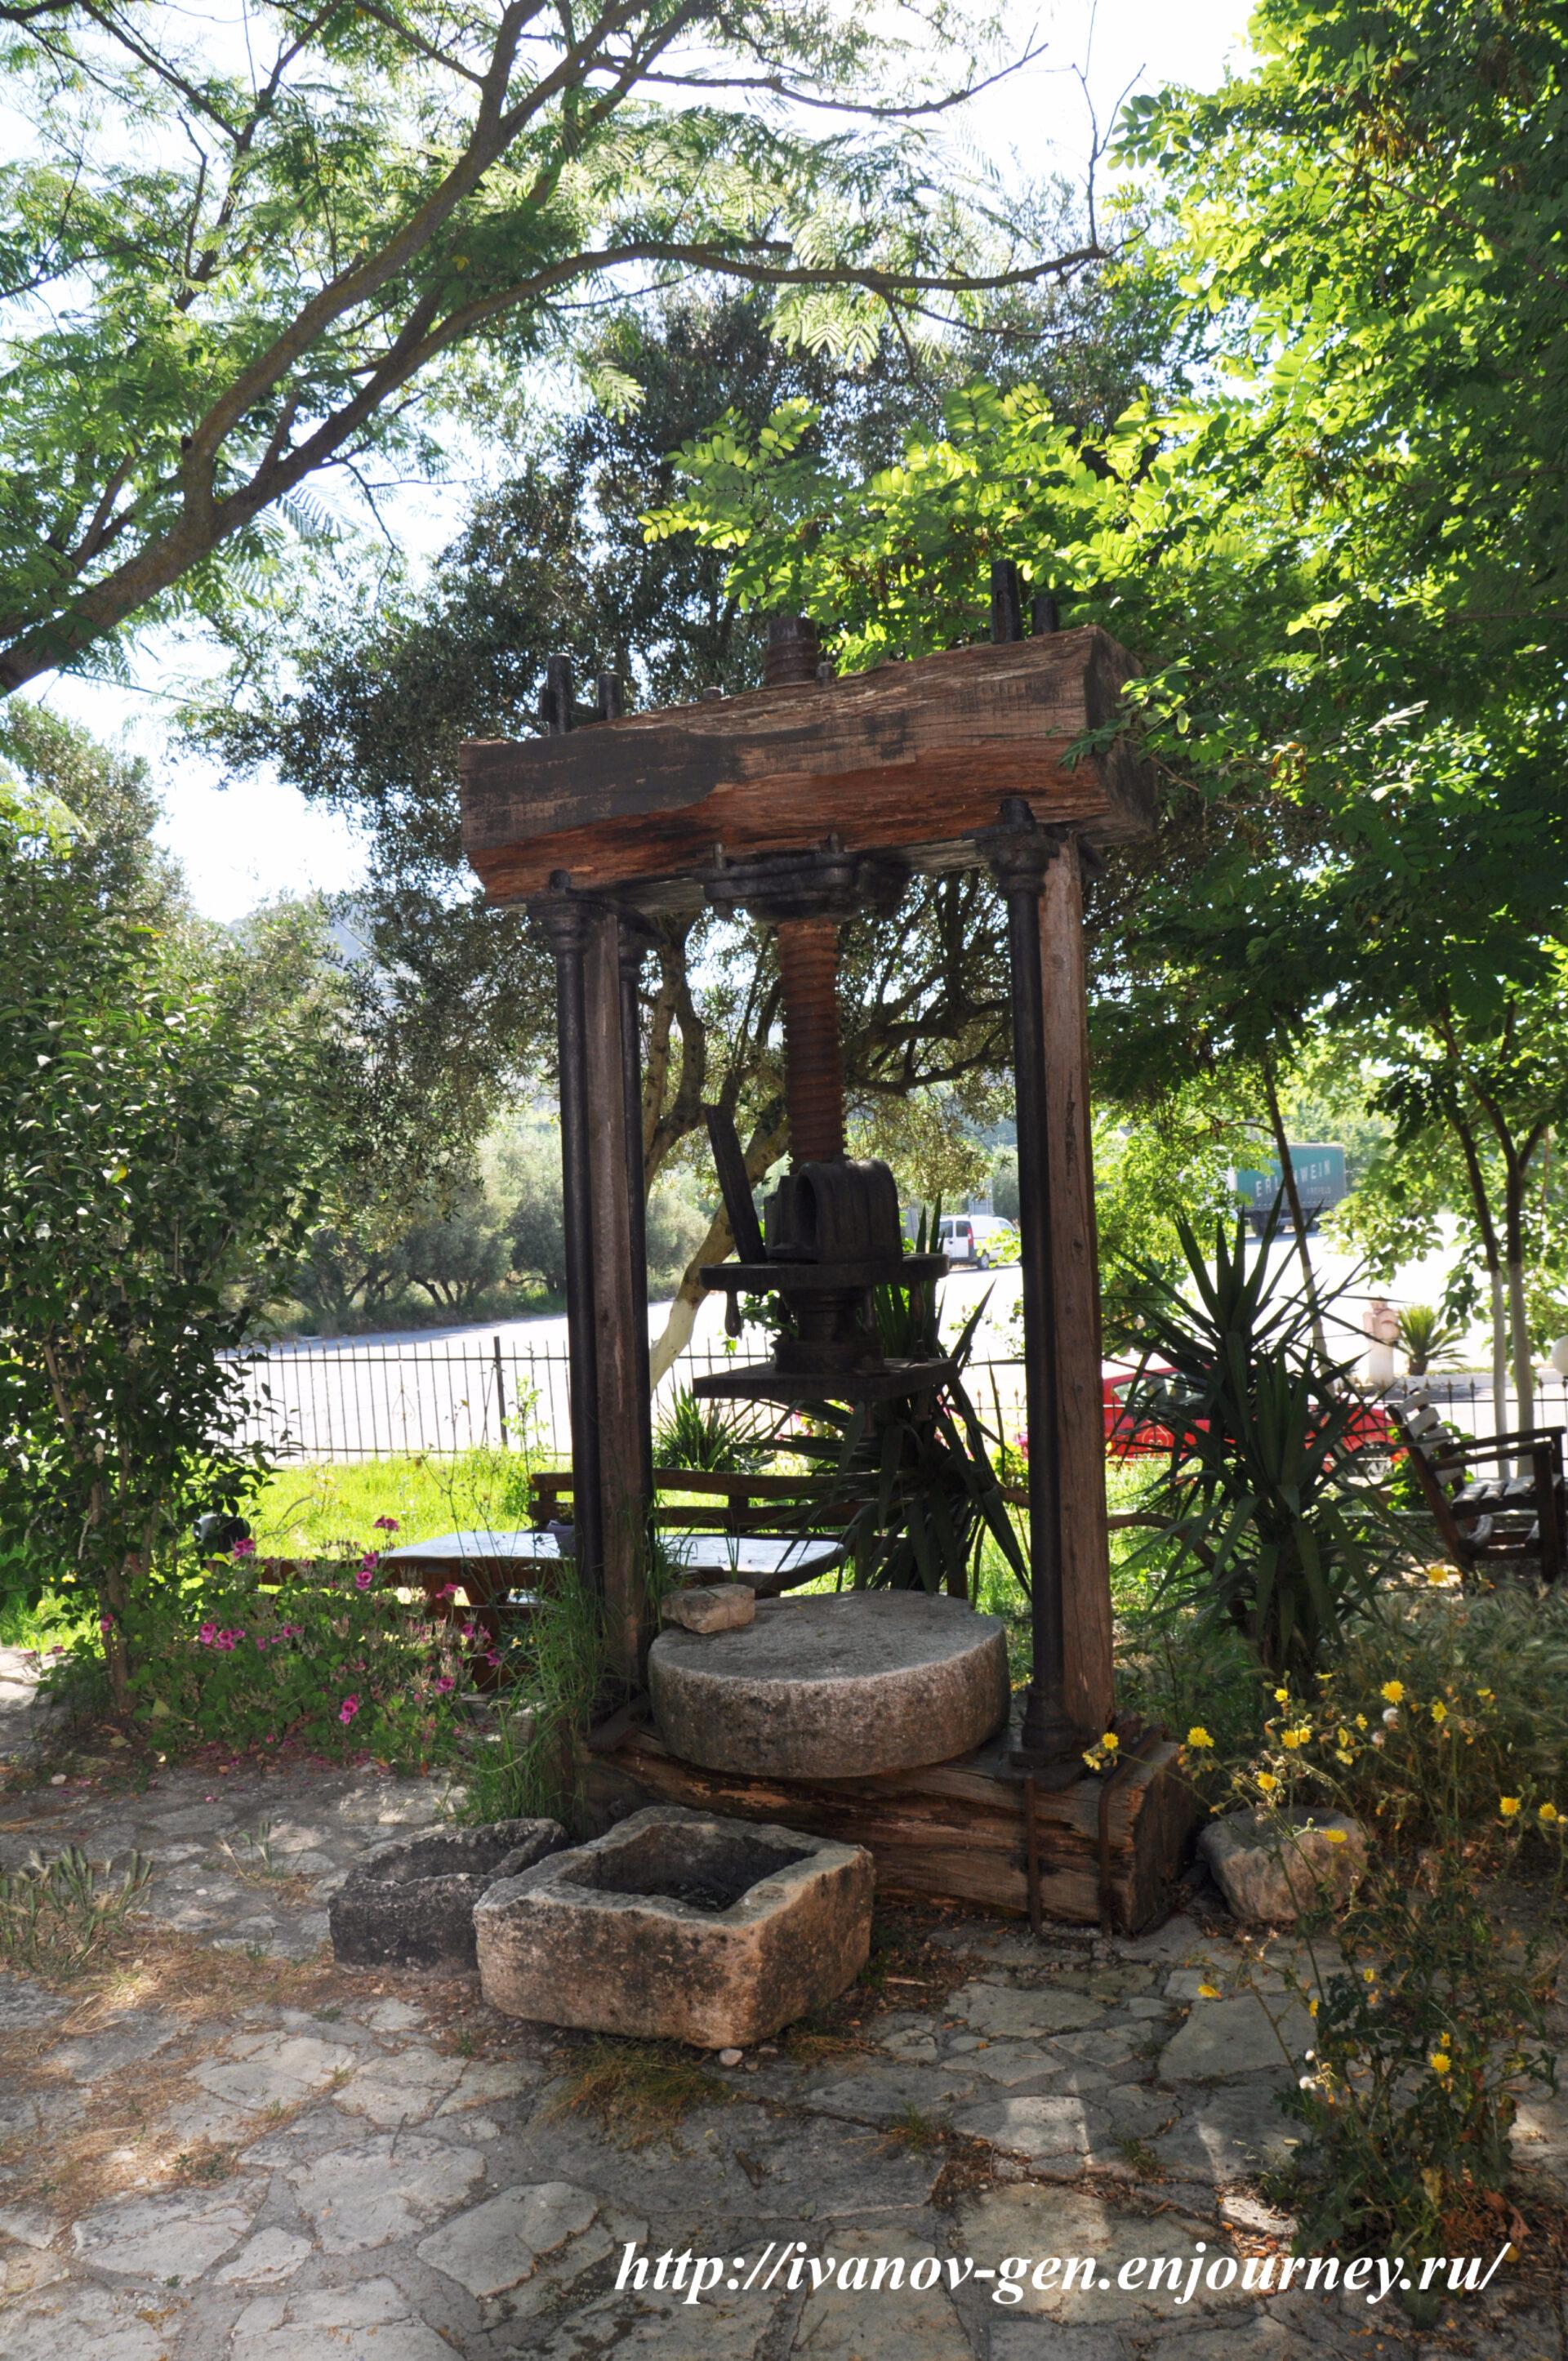 Крит-2019 часть 1 Частные музеи, которые стоит посетить